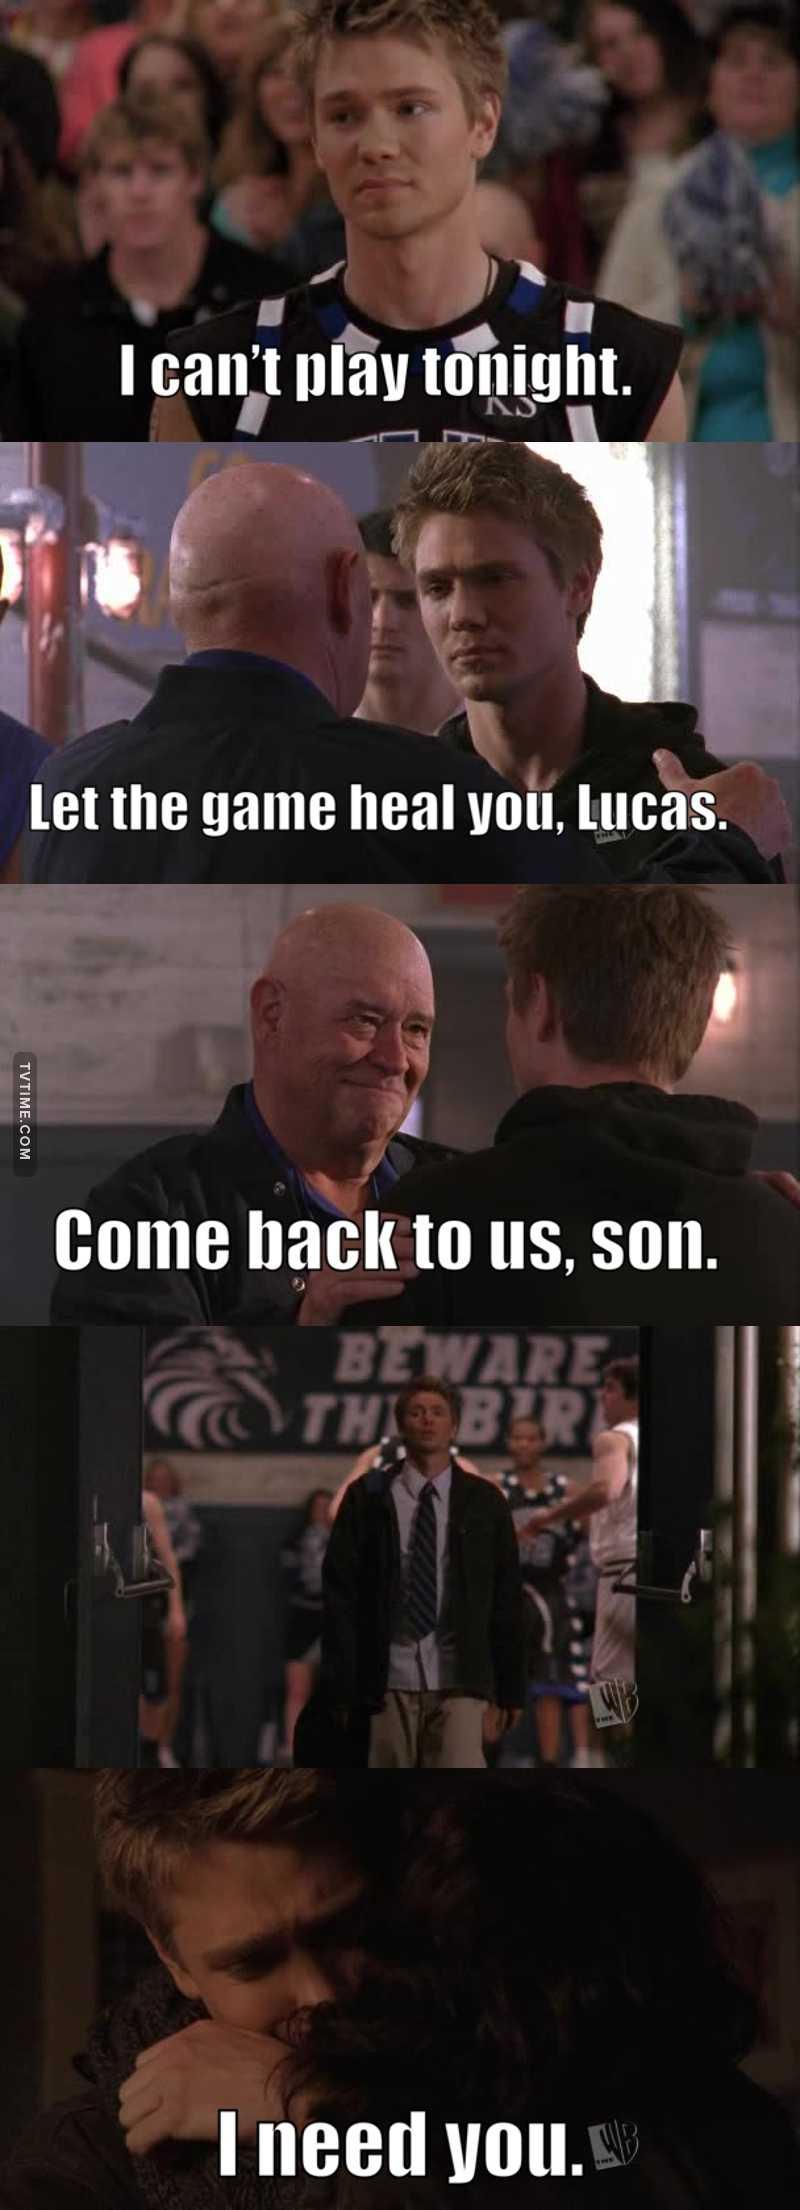 Poor Lucas 😭. Keith's death broke him 😭😭